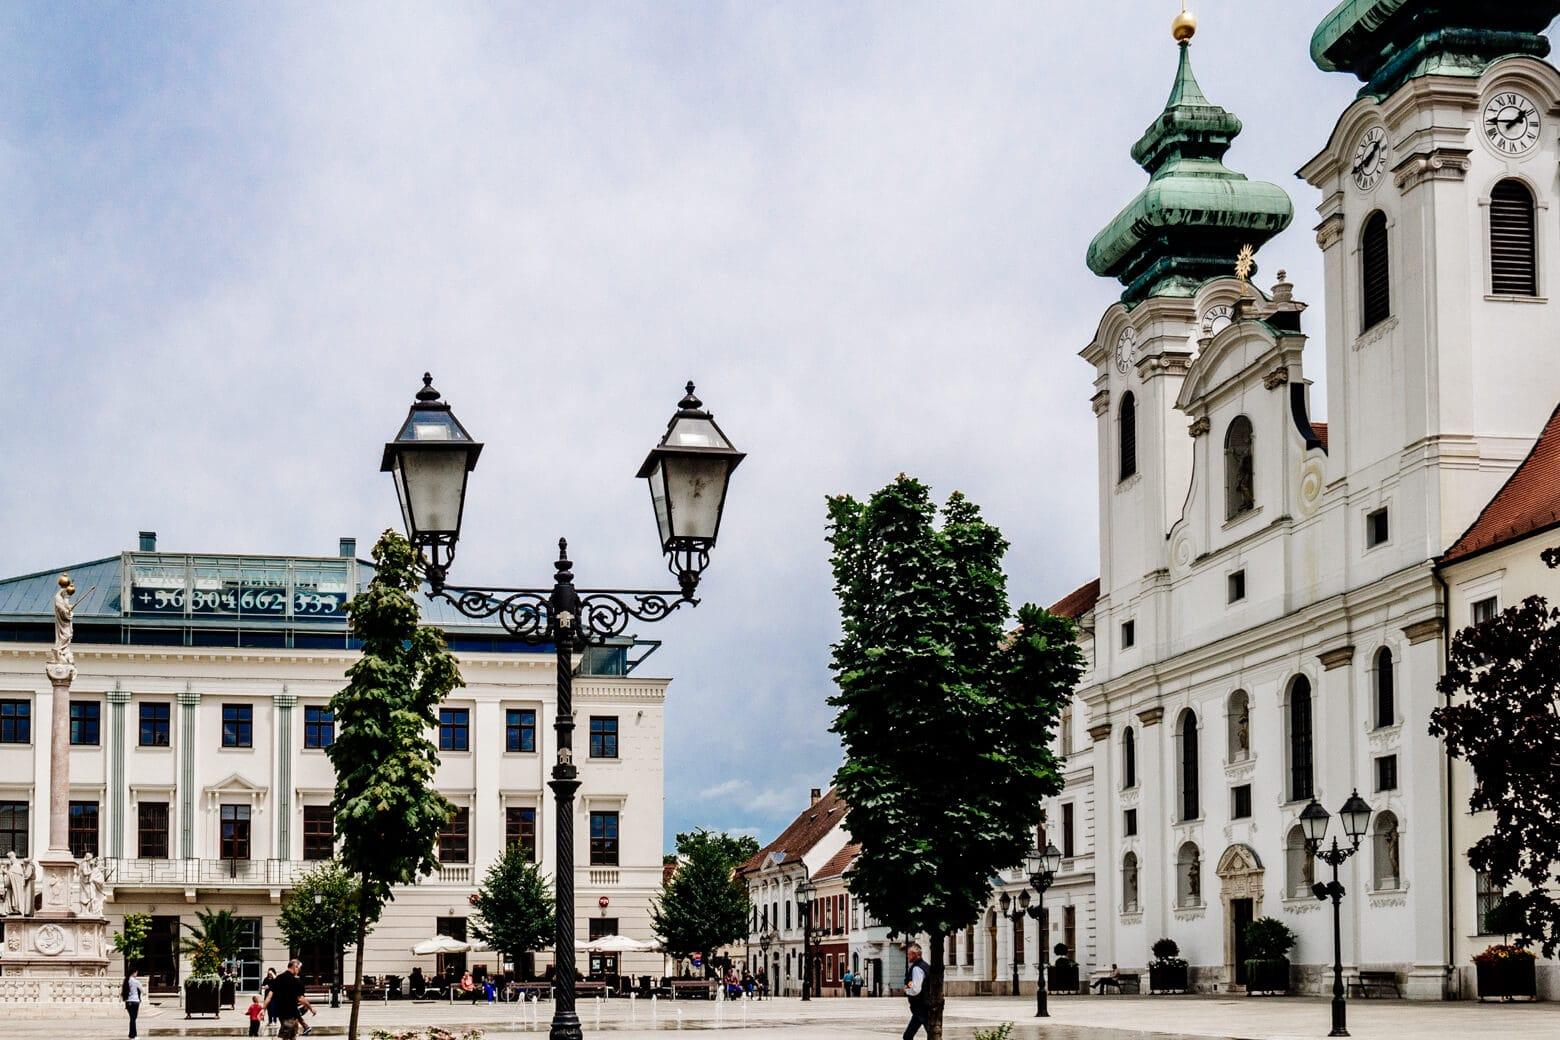 Szechenyi Square Gyor